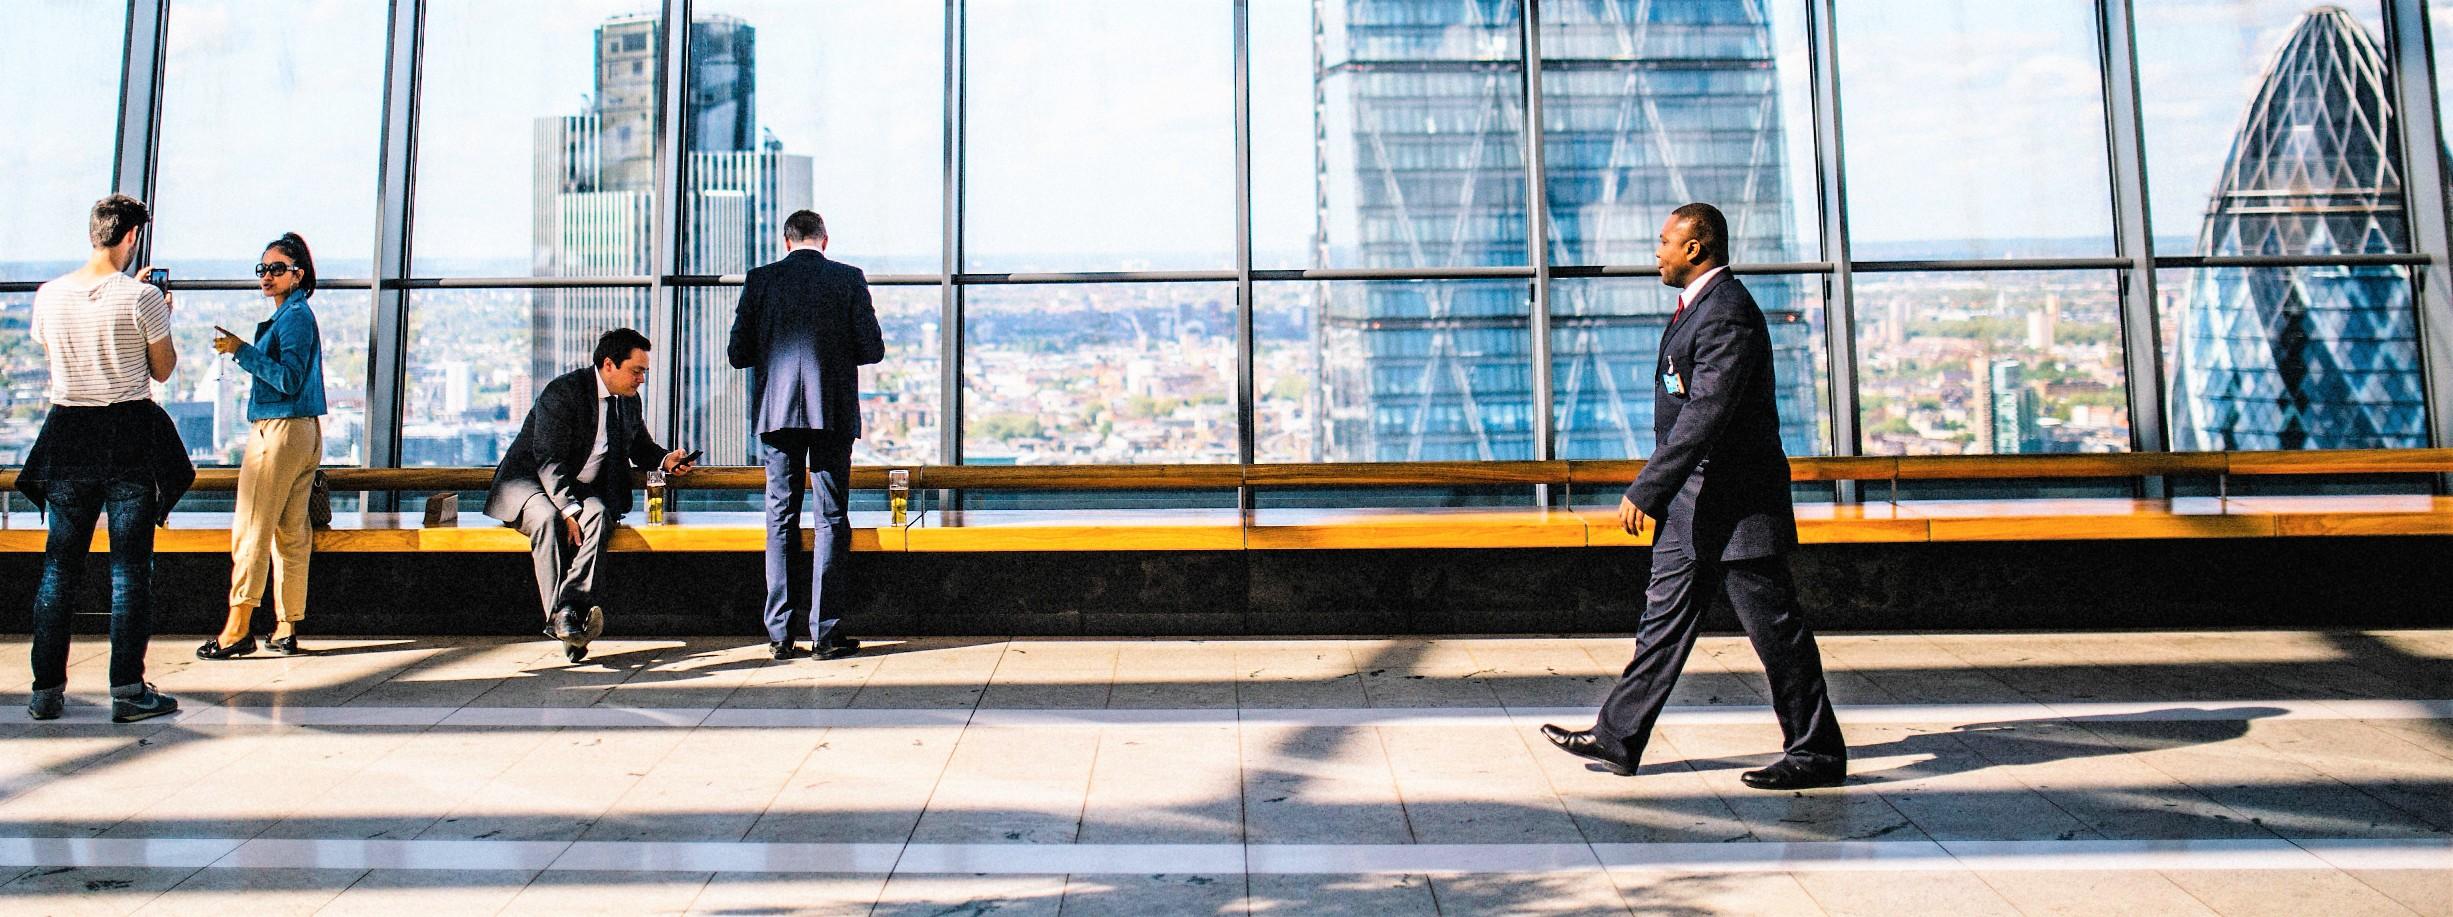 Mensen in kantoorgebouw met zicht op de Gherkin Tower in Londen